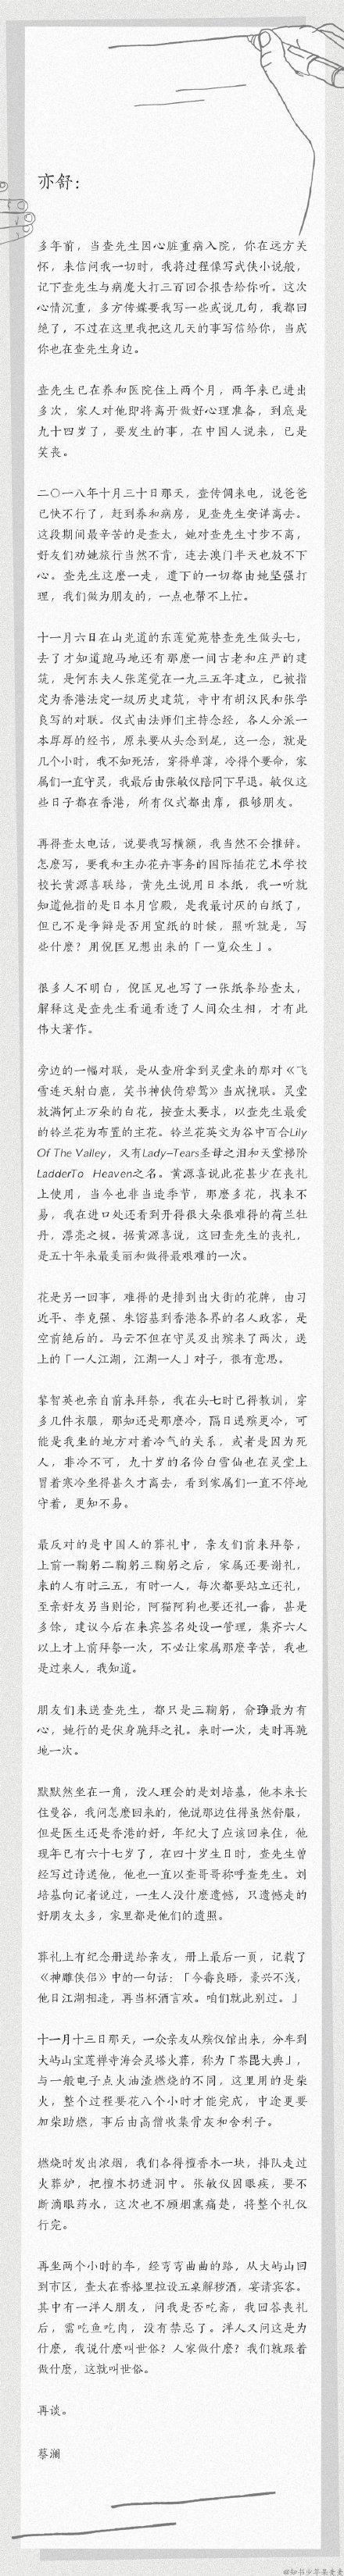 蔡澜给亦舒写信述金庸去世前后 语言徐缓平淡引泪崩